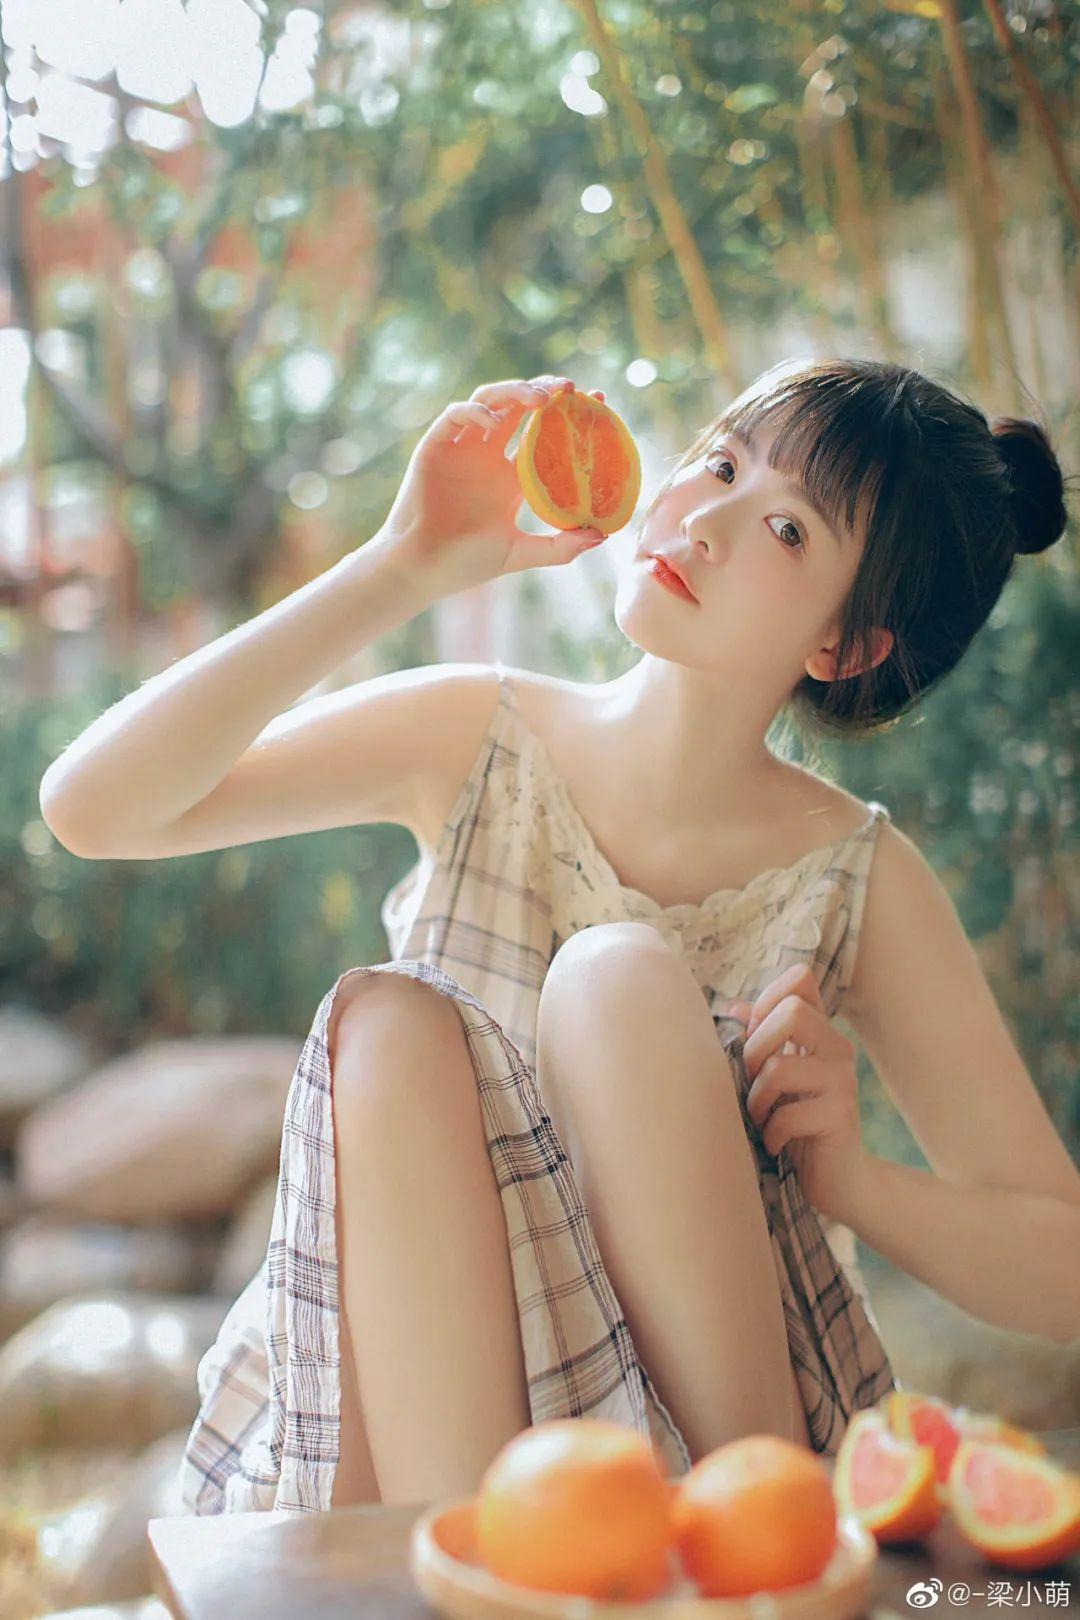 妹子摄影 – 微博美少女@-梁小萌,吃橘子的连衣裙清纯小妹_图片 No.1